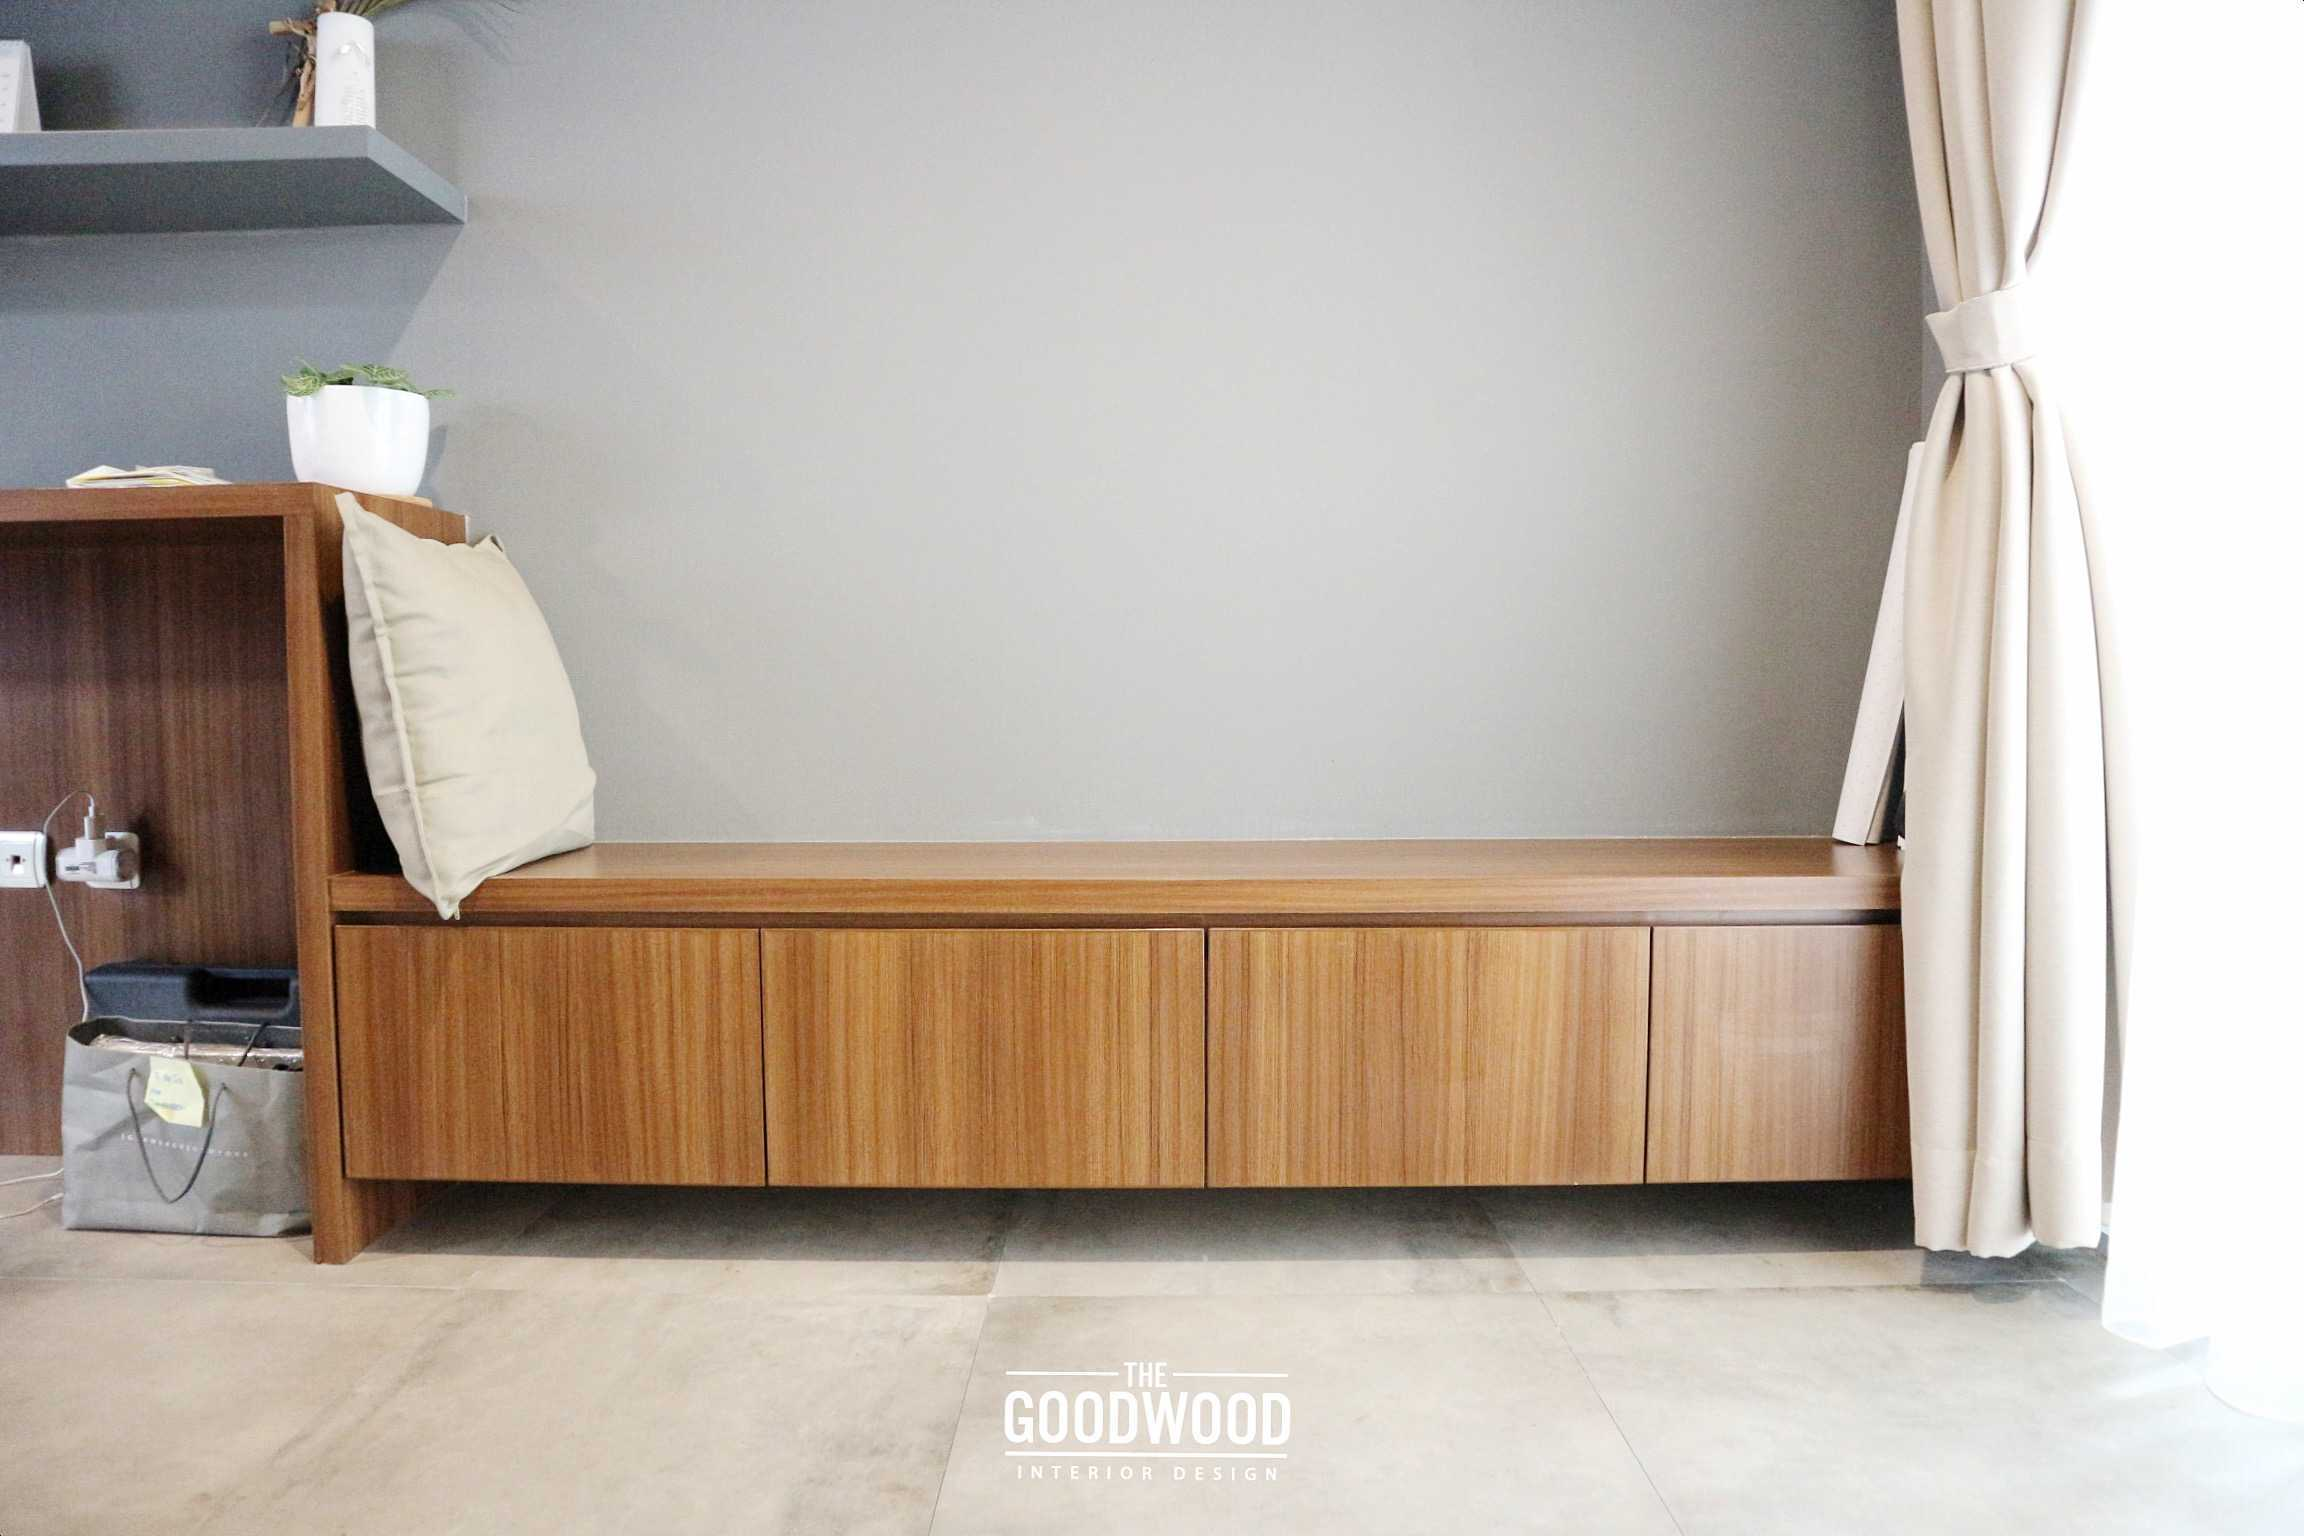 The Goodwood Interior Design Rumah A+S Tangerang, Kota Tangerang, Banten, Indonesia Tangerang, Kota Tangerang, Banten, Indonesia S15147063 Kontemporer,modern  36183